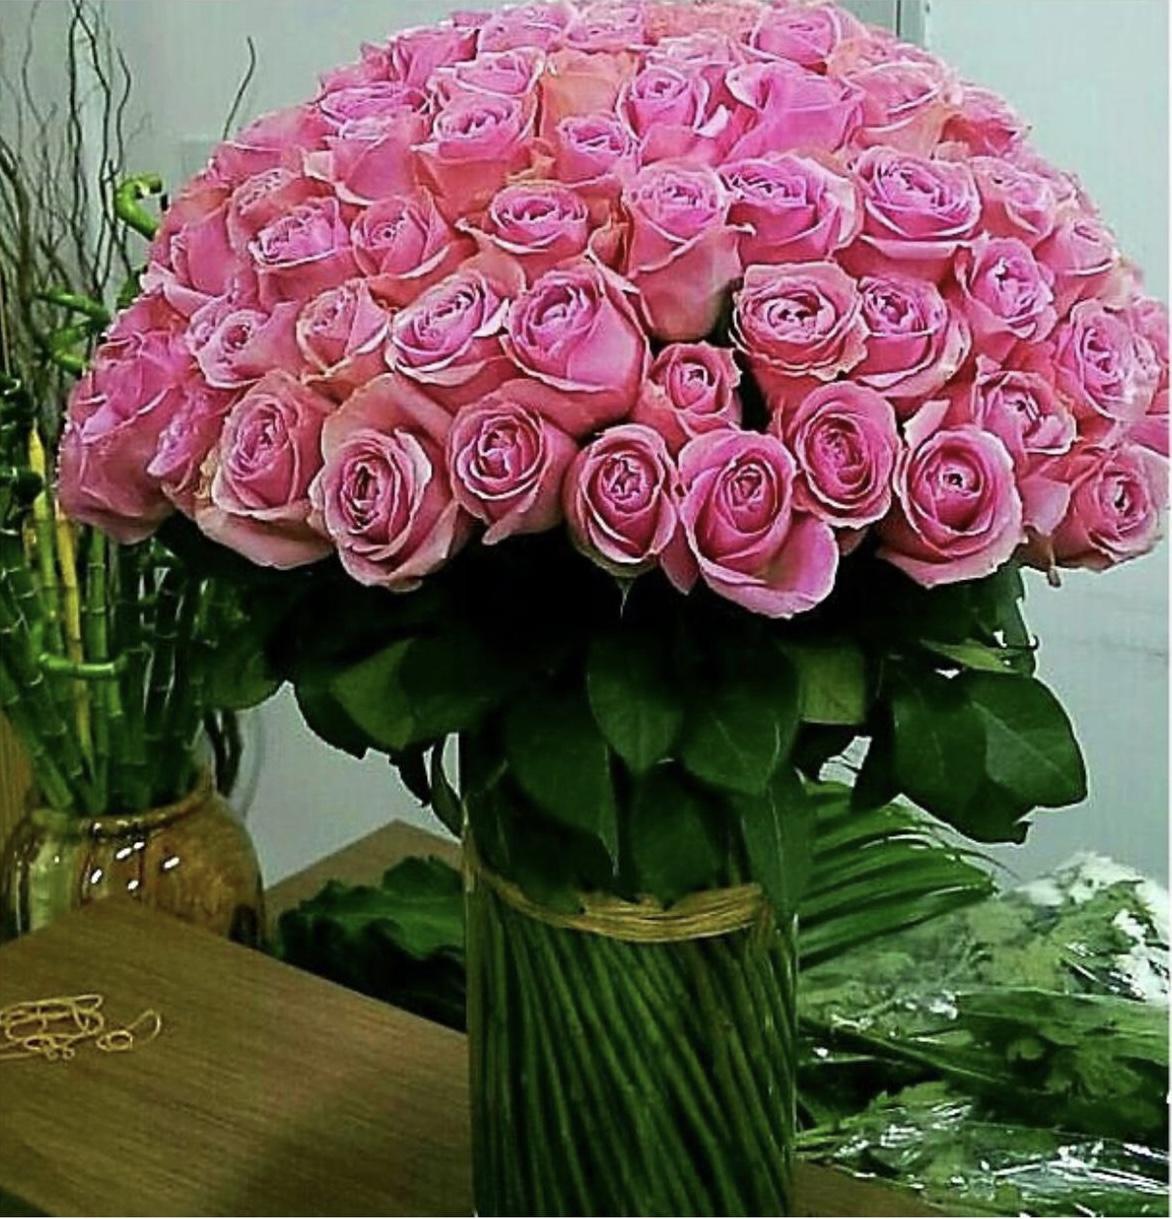 100 pcs std roses